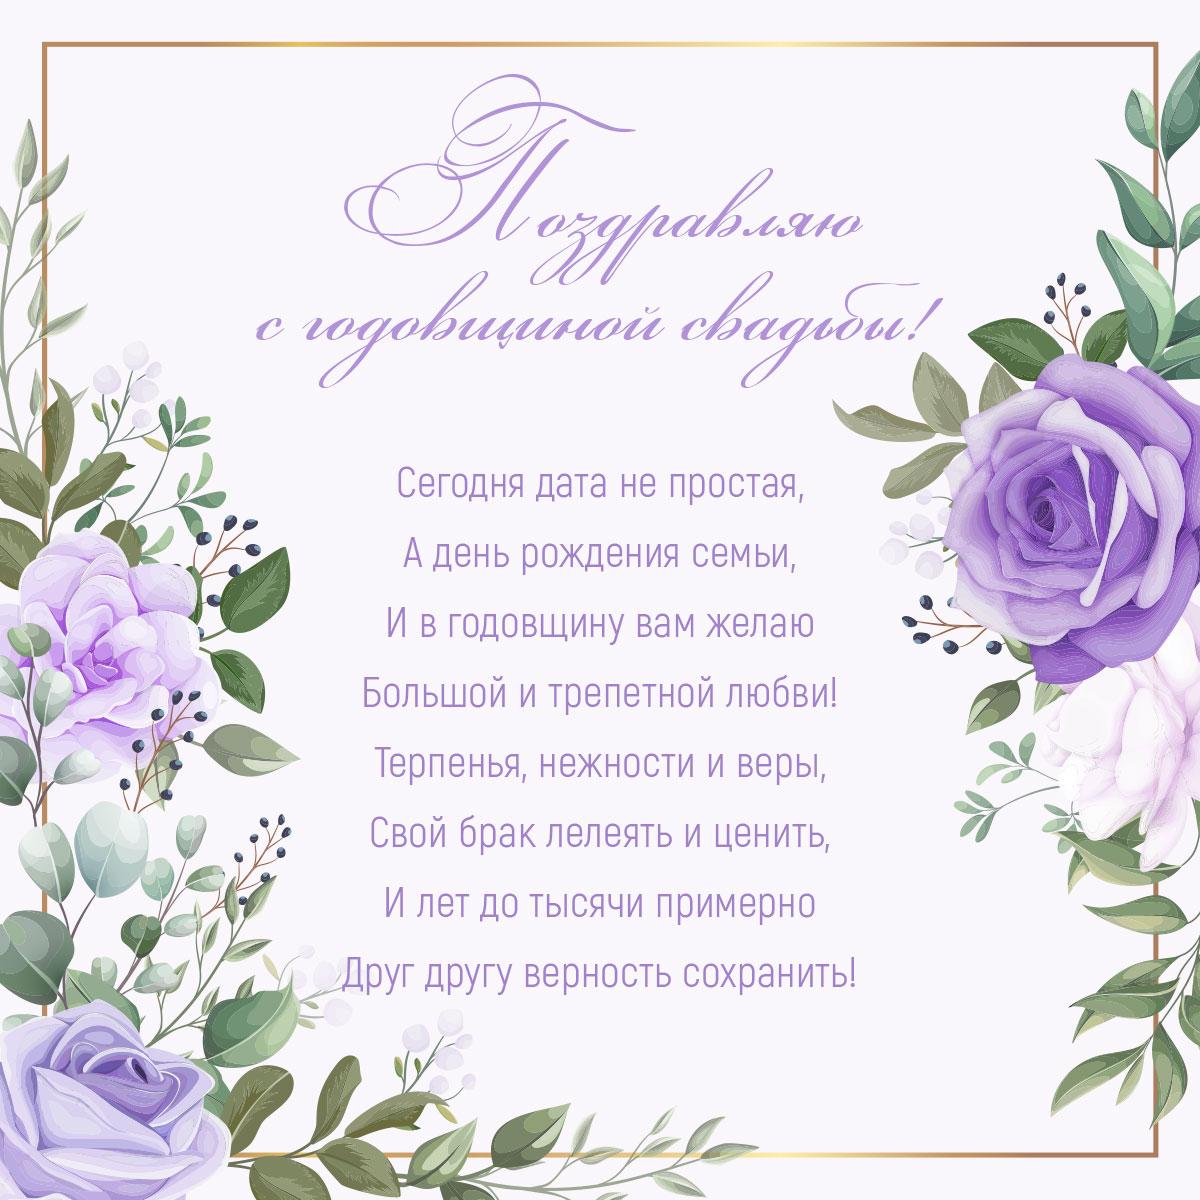 Текст поздравления в прямоугольной рамке с фиолетовыми розами.